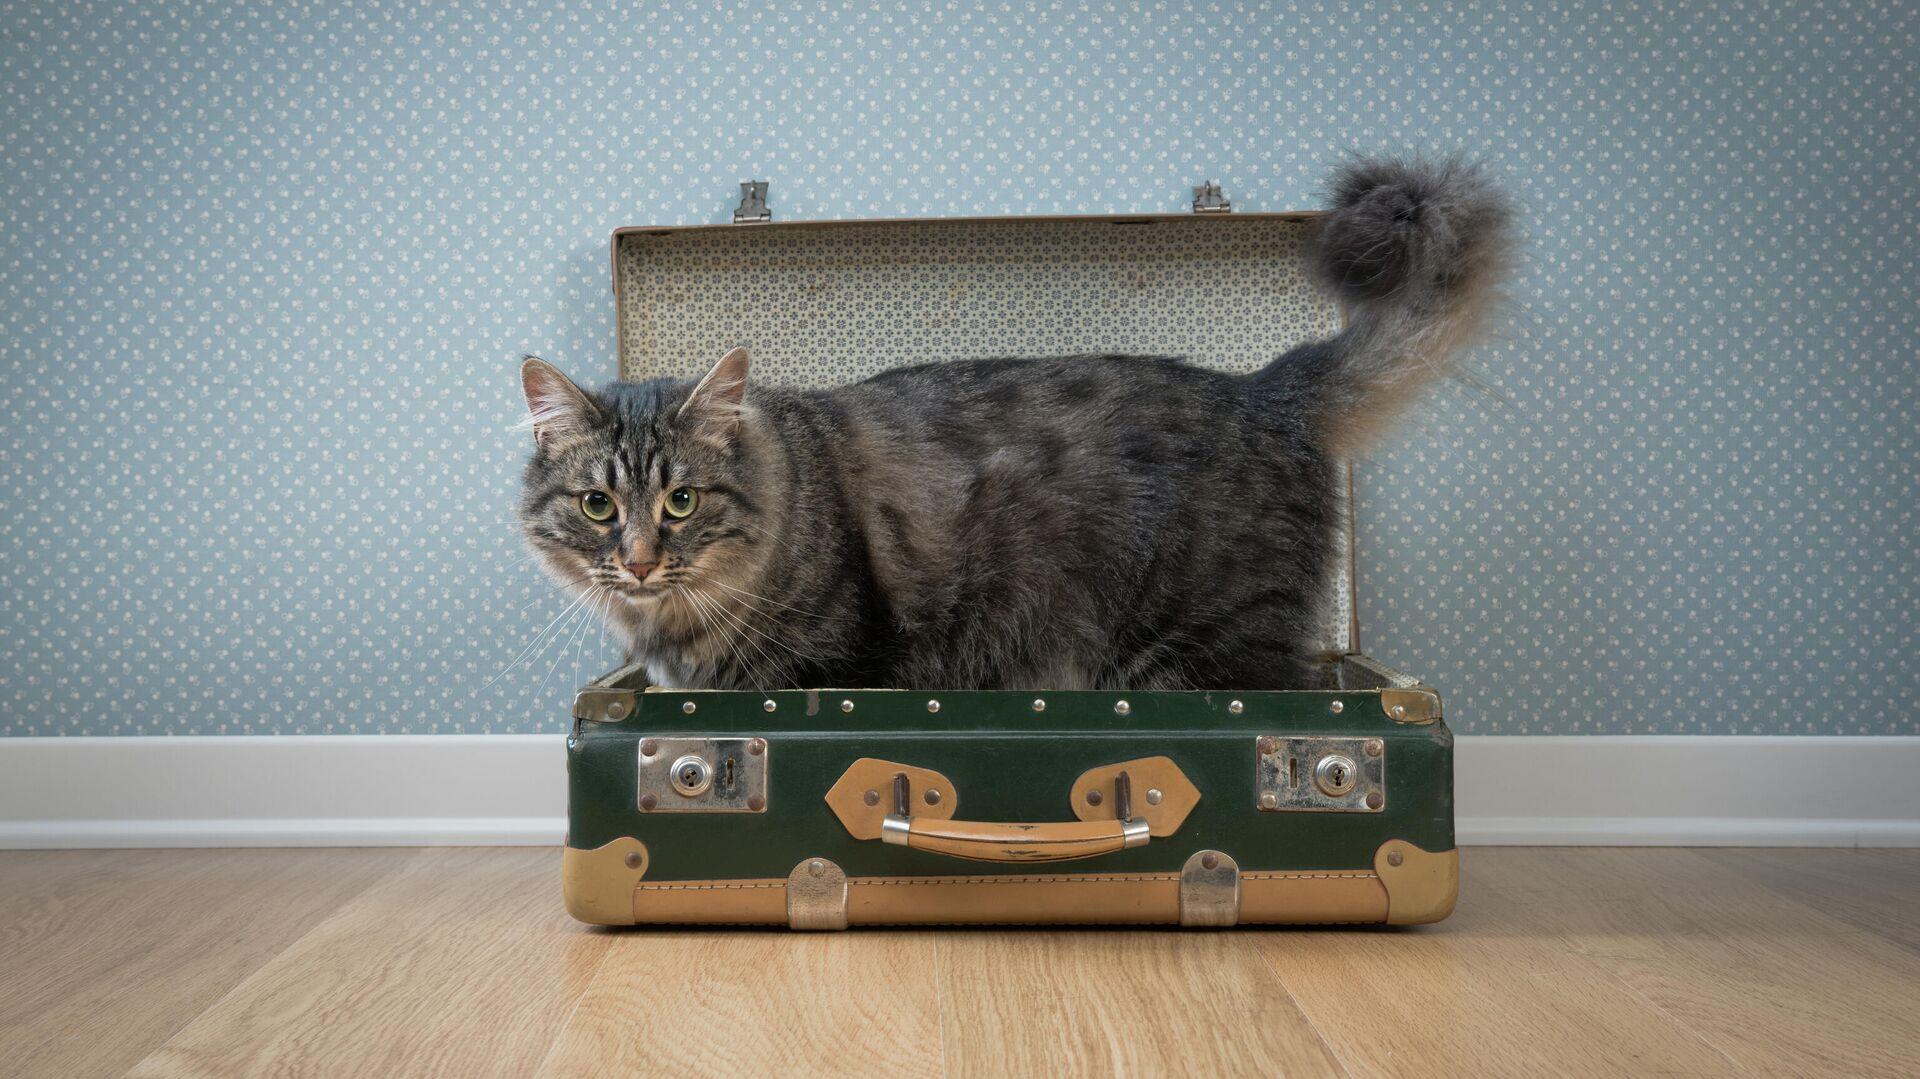 Кот в чемодане - РИА Новости, 1920, 26.10.2020